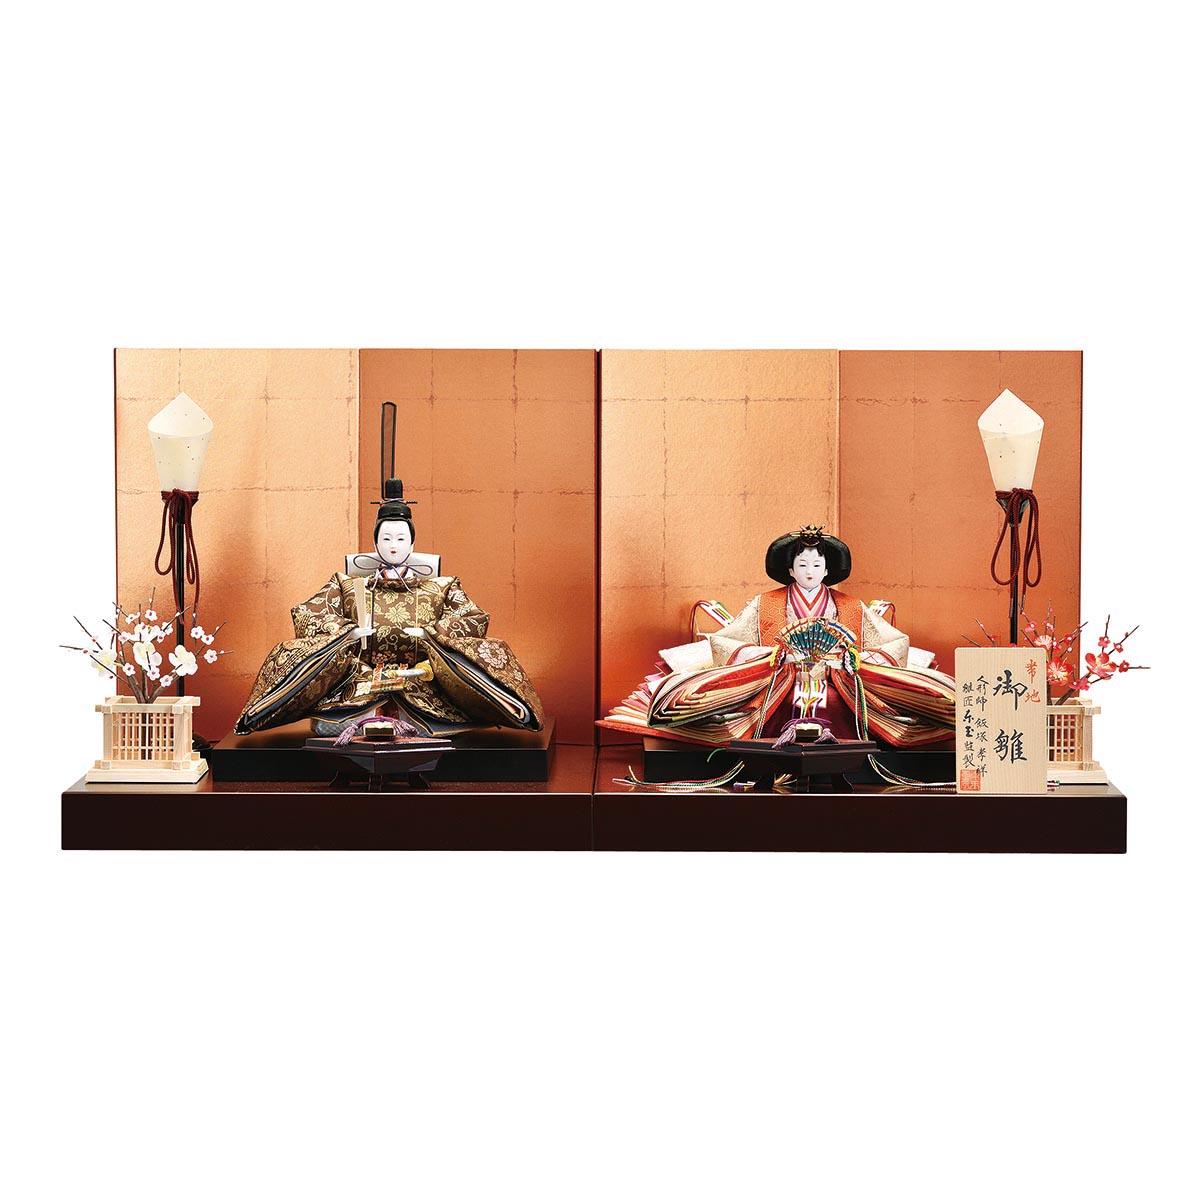 雛人形 東玉 コンパクト 親王飾り 孝祥作 帯地 親王飾り 雛人形 HNTG-32956ひな人形 かわいい 雛 親王飾り 平飾り [P10]